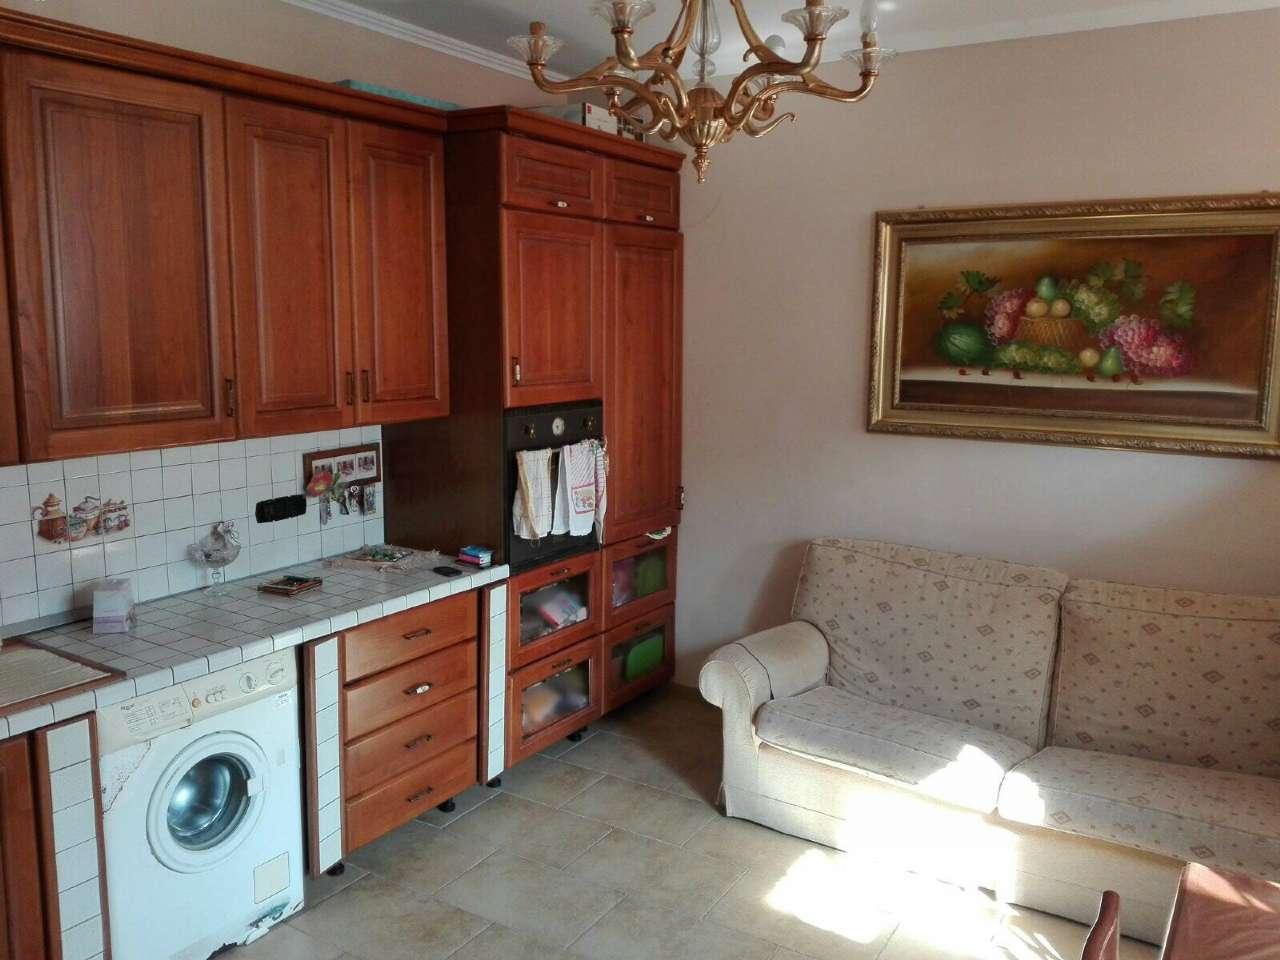 Soluzione Indipendente in vendita a Napoli, 3 locali, zona Zona: 9 . Soccavo, Pianura, prezzo € 158.000 | CambioCasa.it